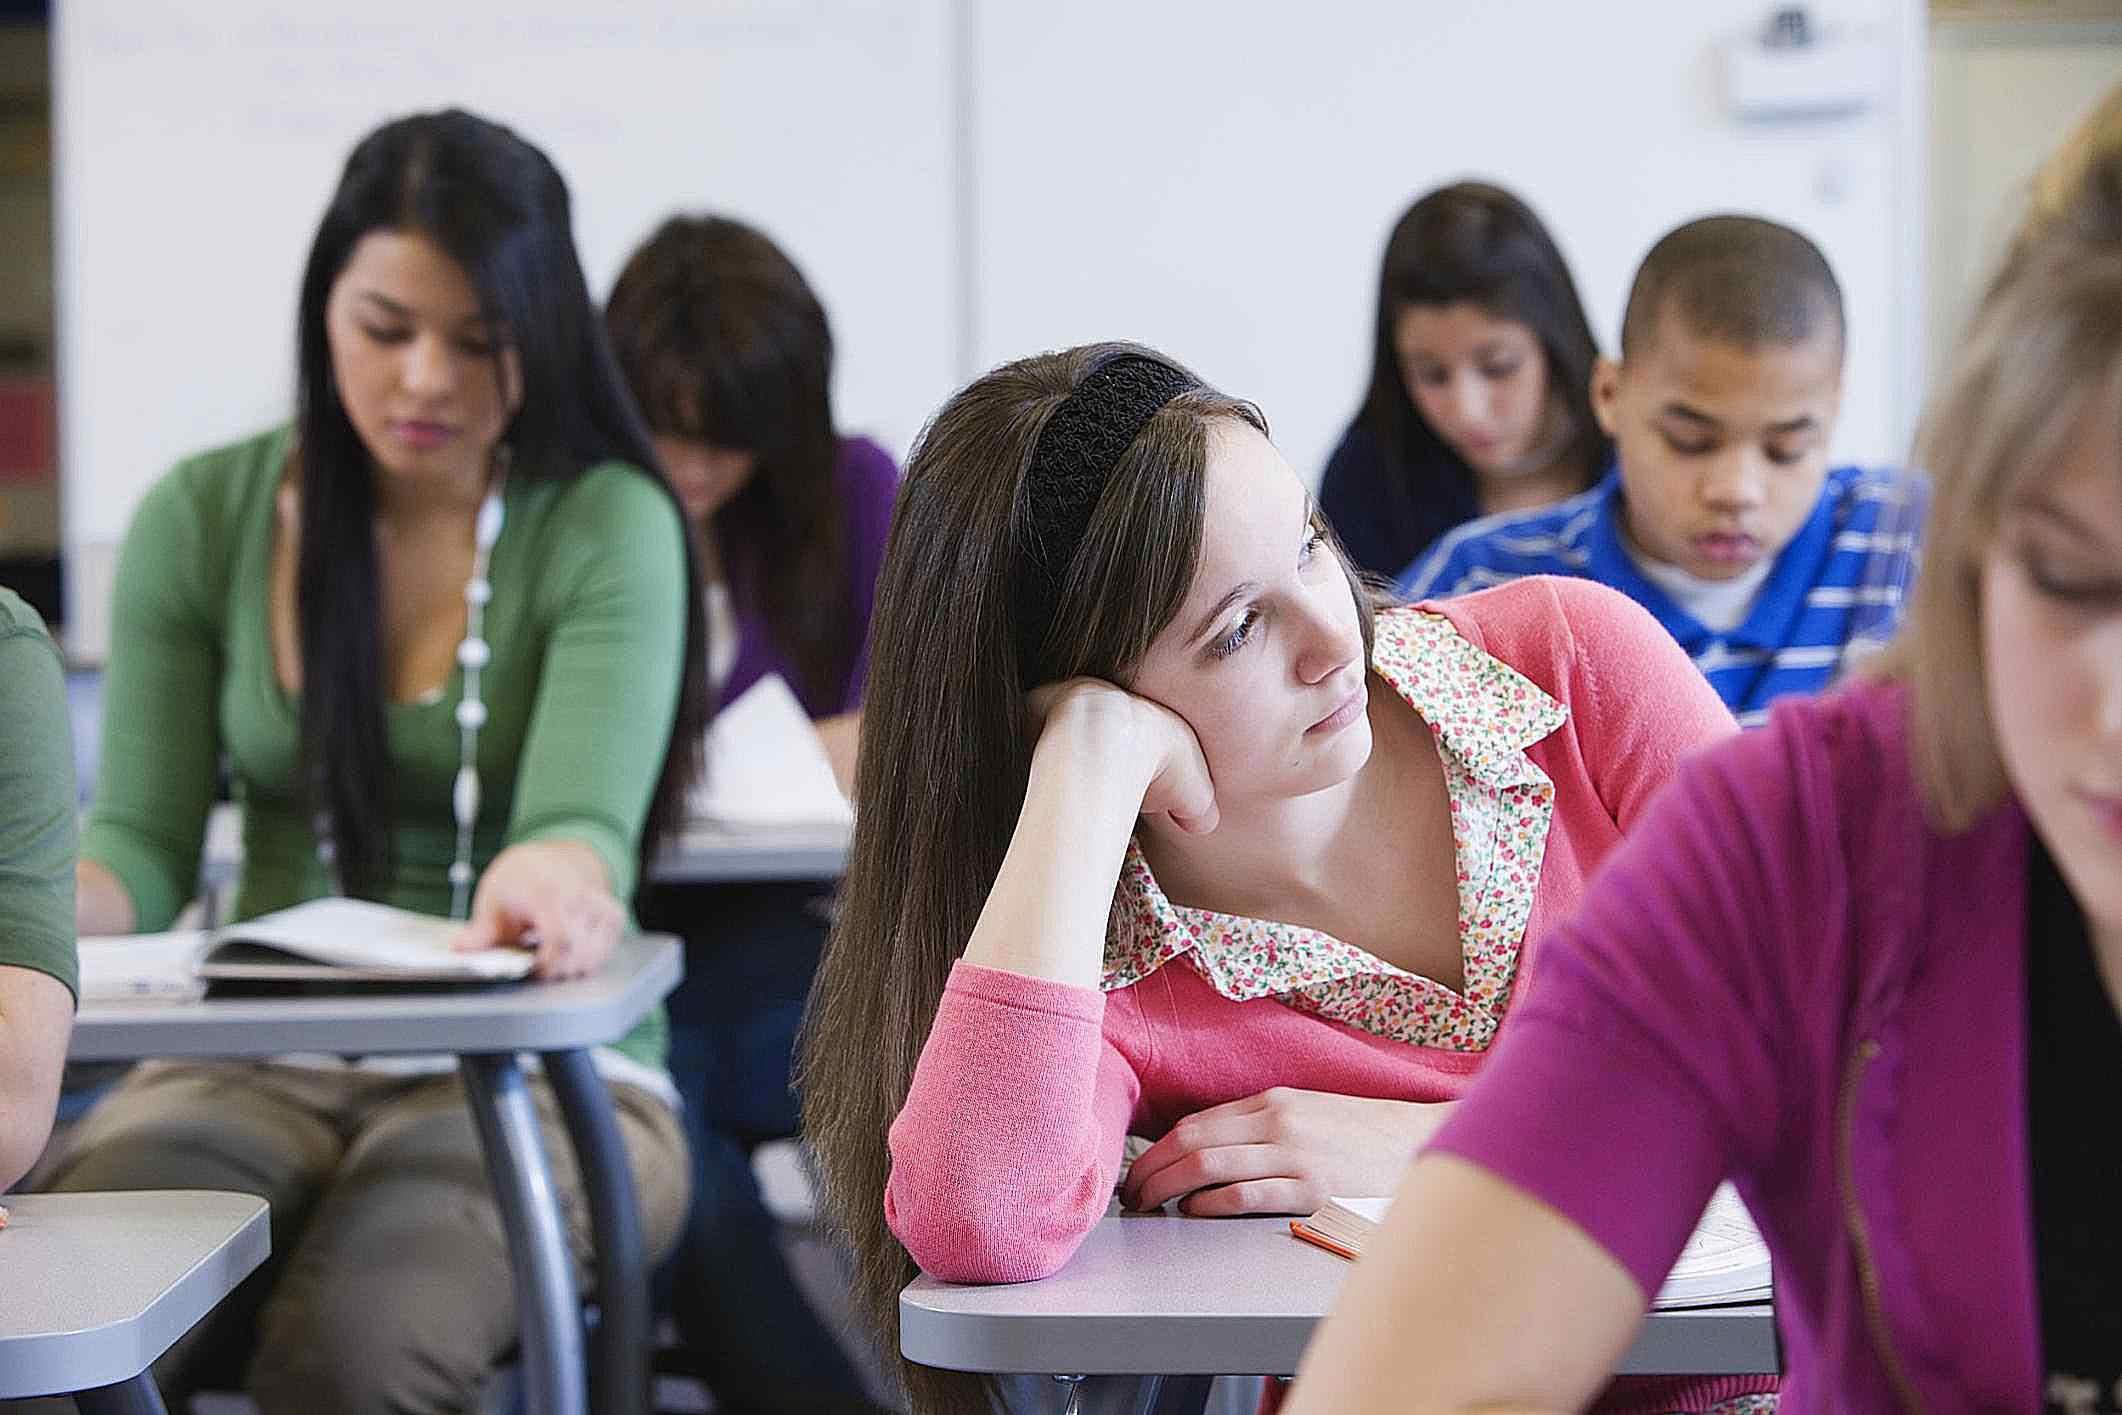 Teenage girl (16-17) sitting in classroom, looking away